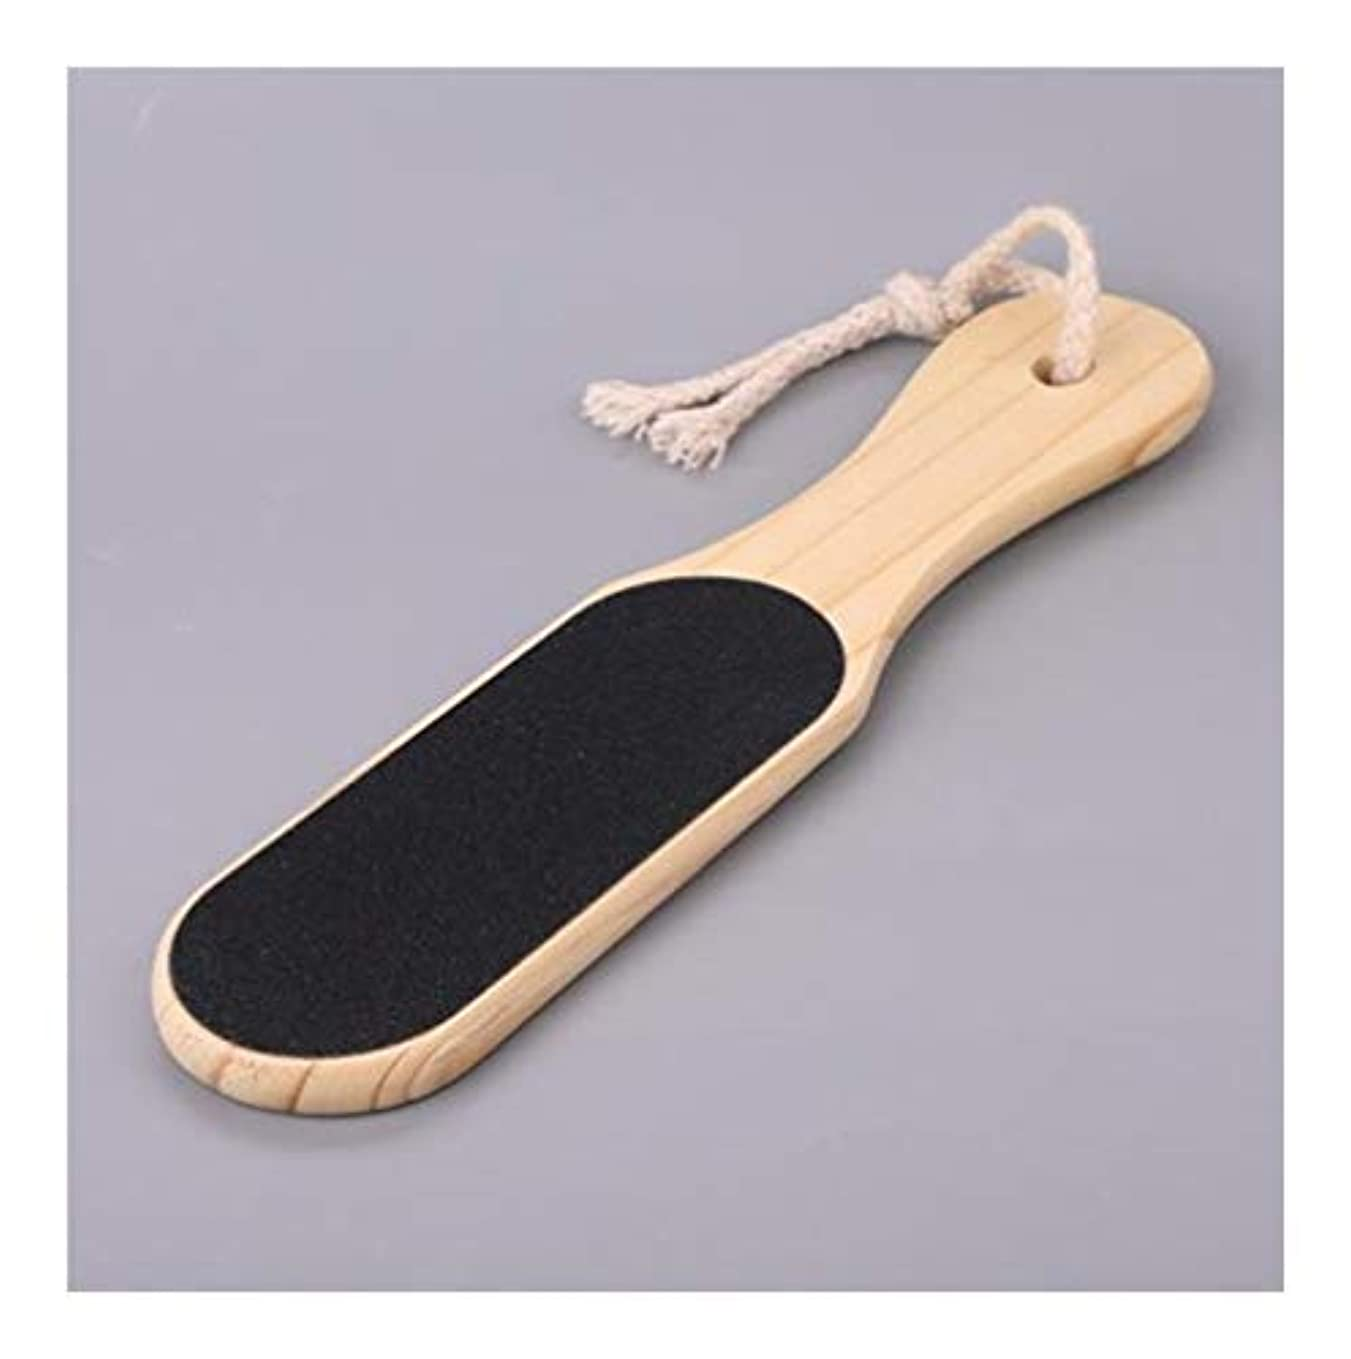 ブレイズ酸度キルトFengshangshanghang 木製ハンドルステンシル、フットペディキュア美容アーティファクト添加にオールドペディキュアフットペディキュアブラシフットテンダーフットツールで死んだ皮膚のにザ?靴底をダブル両面 ,皮をむいたandのような (Color : A, Size : 6*16cm)